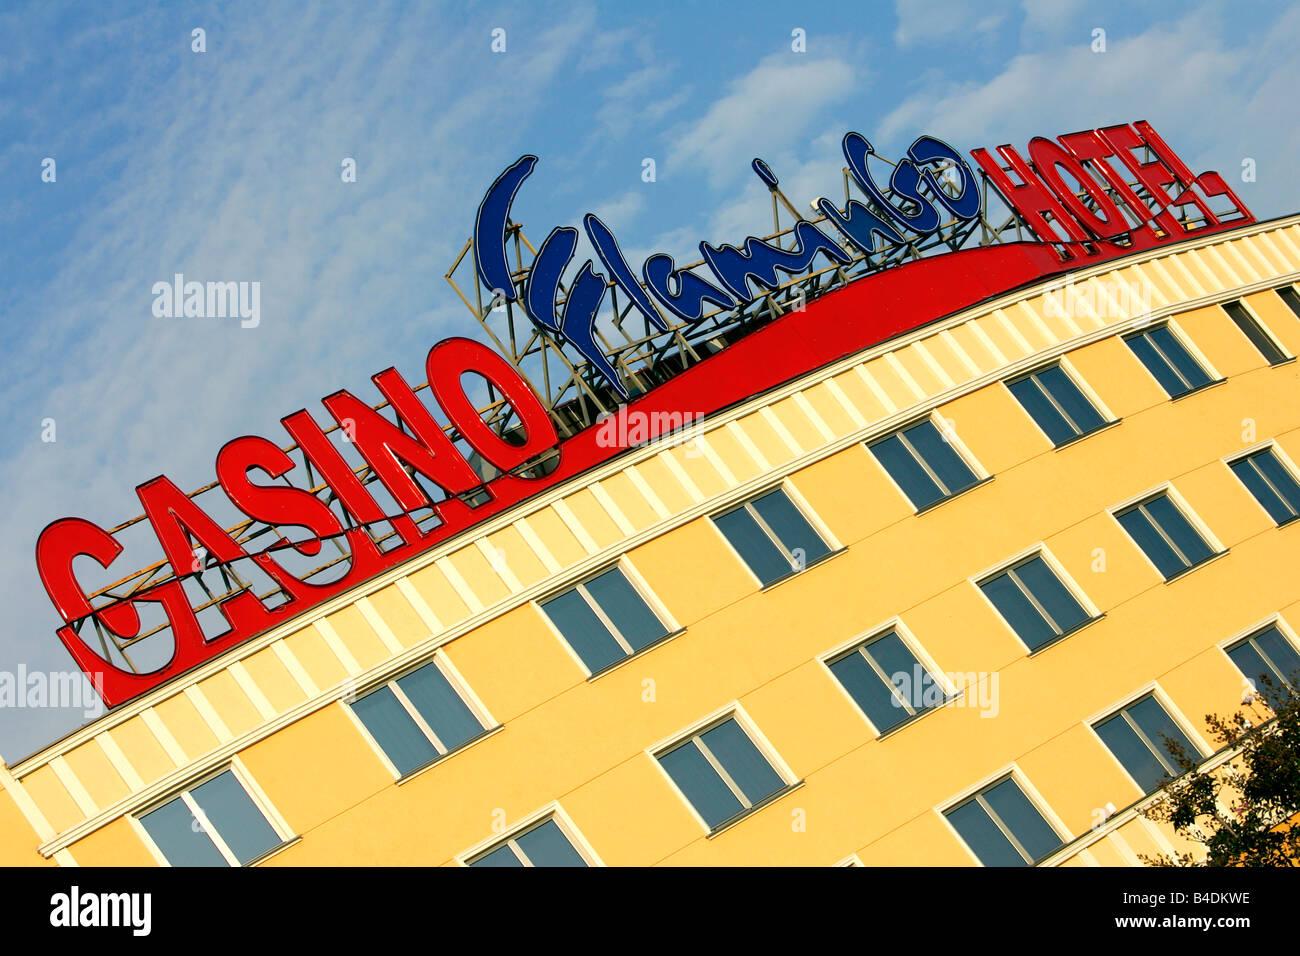 casino flamingo macedonia